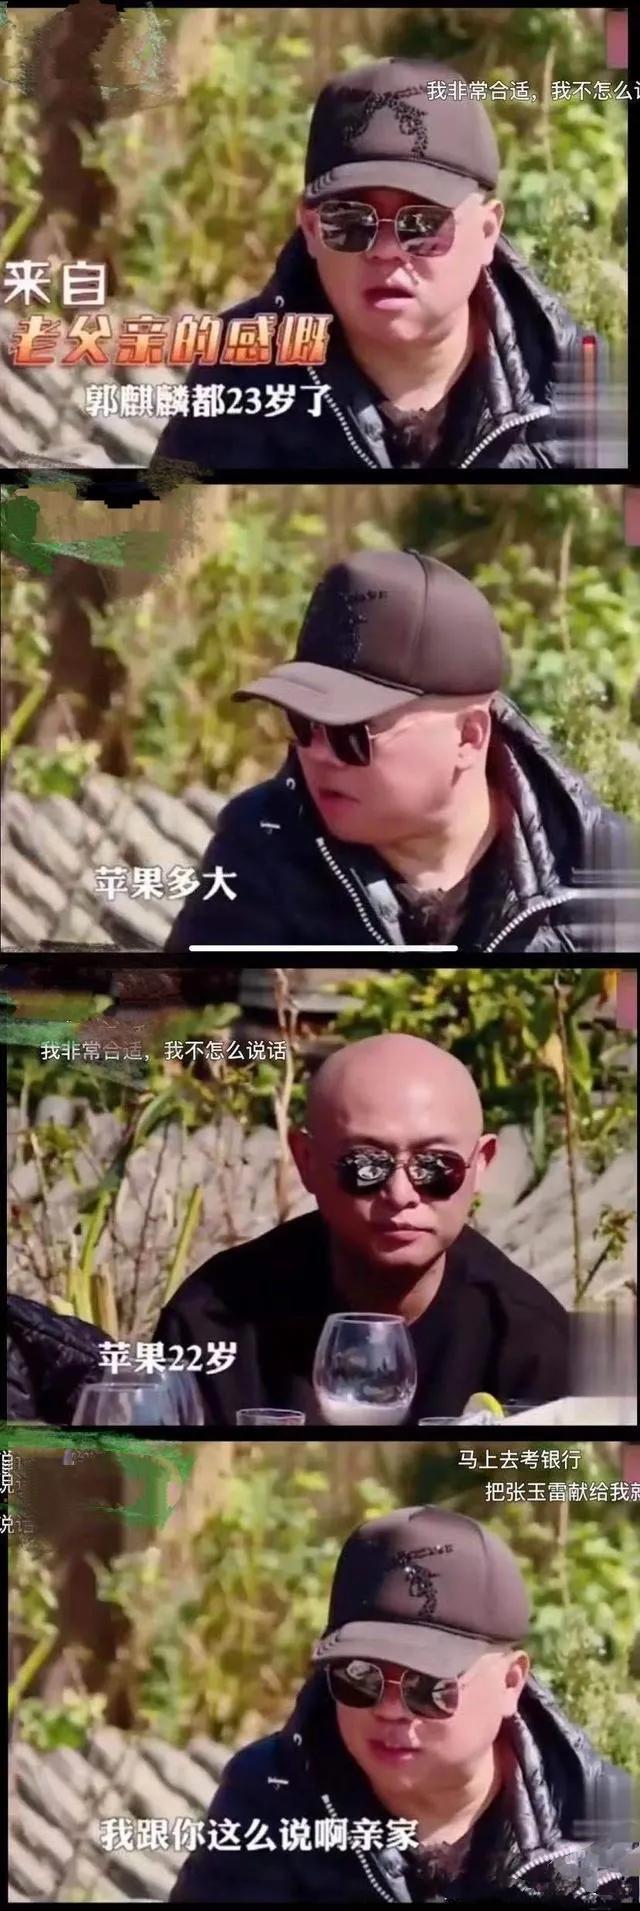 郭德纲:郭麒麟还是个孩子!郭麒麟:我是吗???